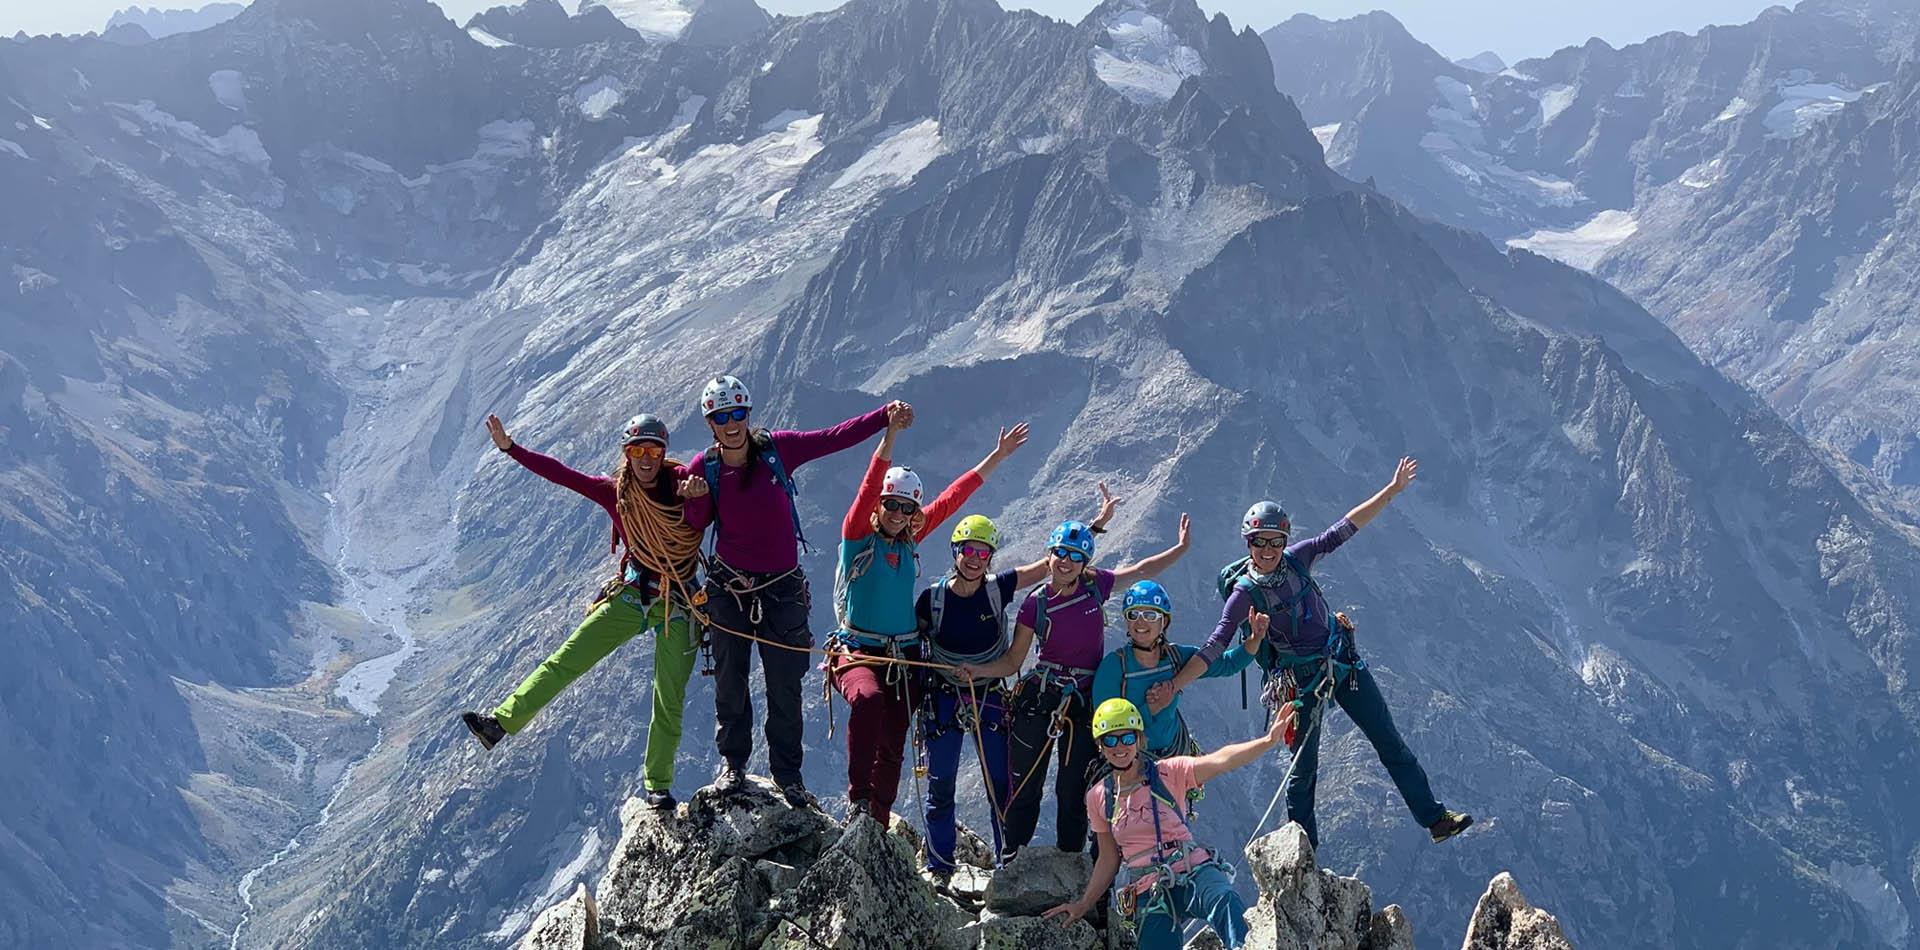 Partez à l'aventure dans les montagnes ALPINISME